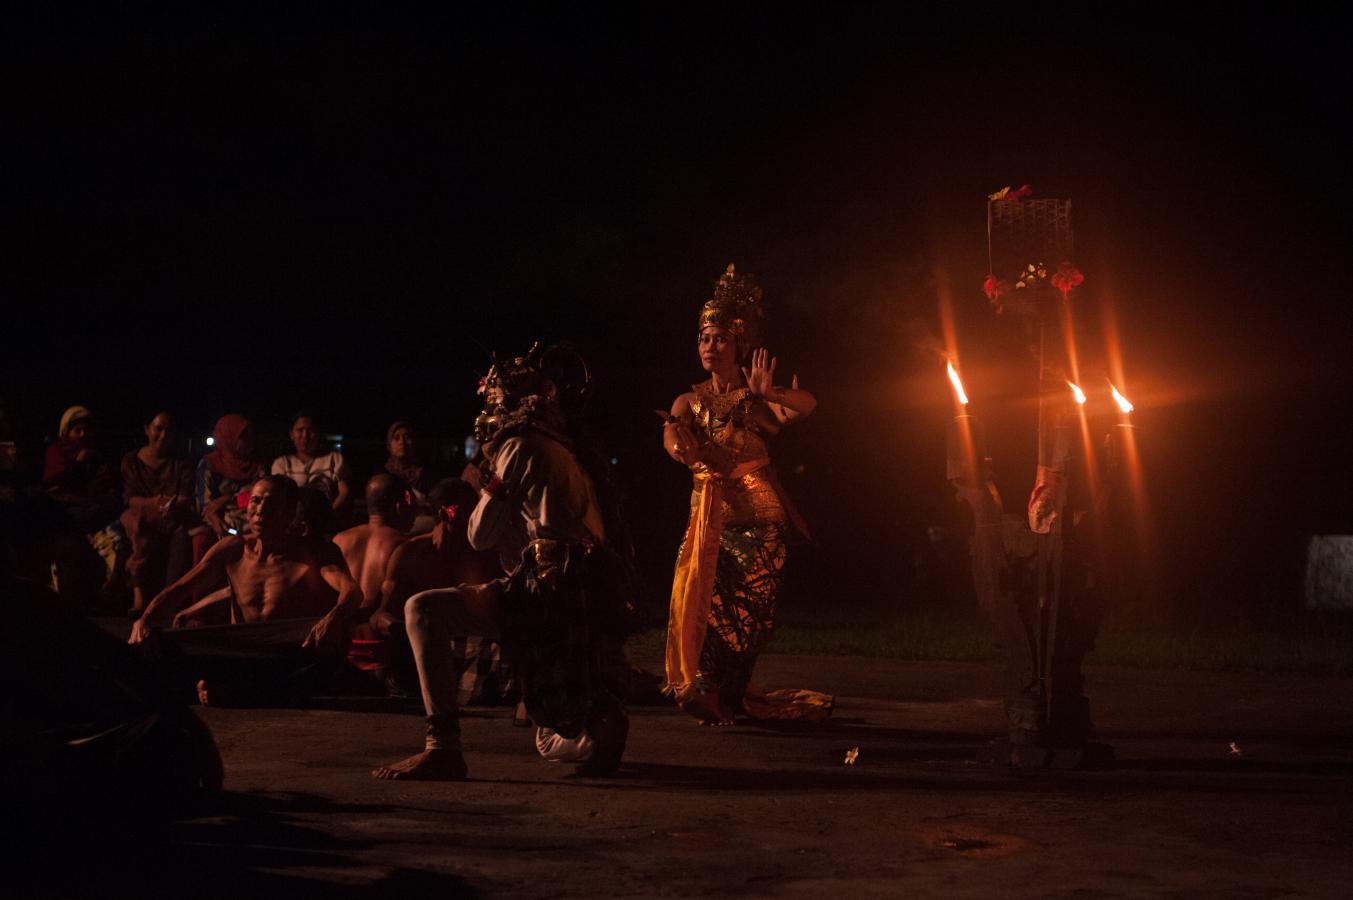 kecak-dance-near-tanah-lot-bali-2013-